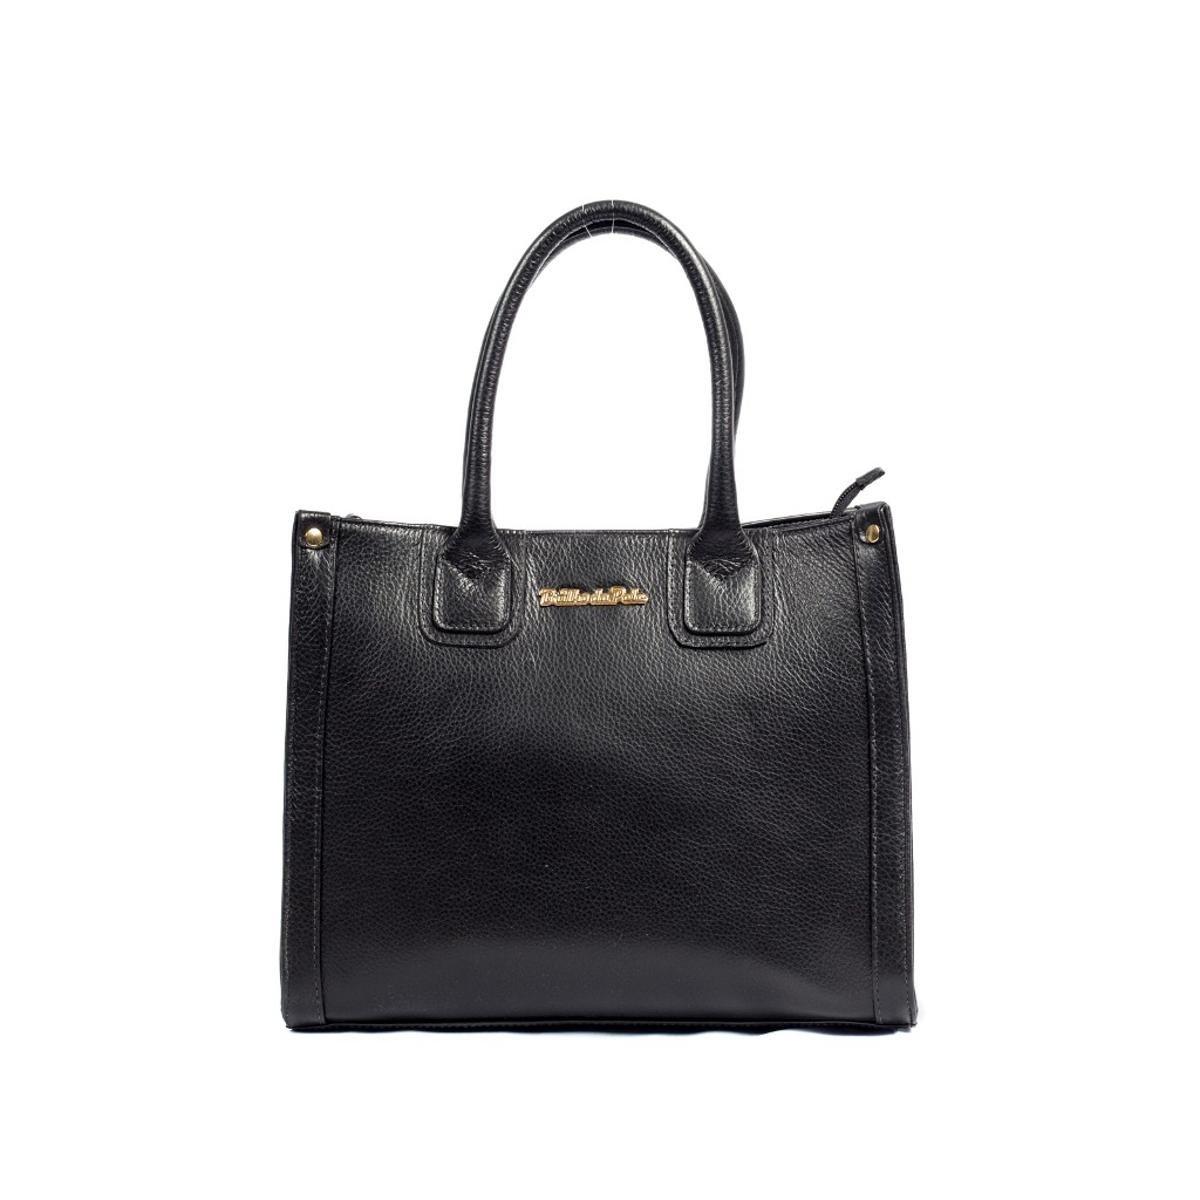 74c8df571 Bolsa Couro Legítimo Handbag Brilho da Pele Feminina - Preto - Compre Agora  | Zattini